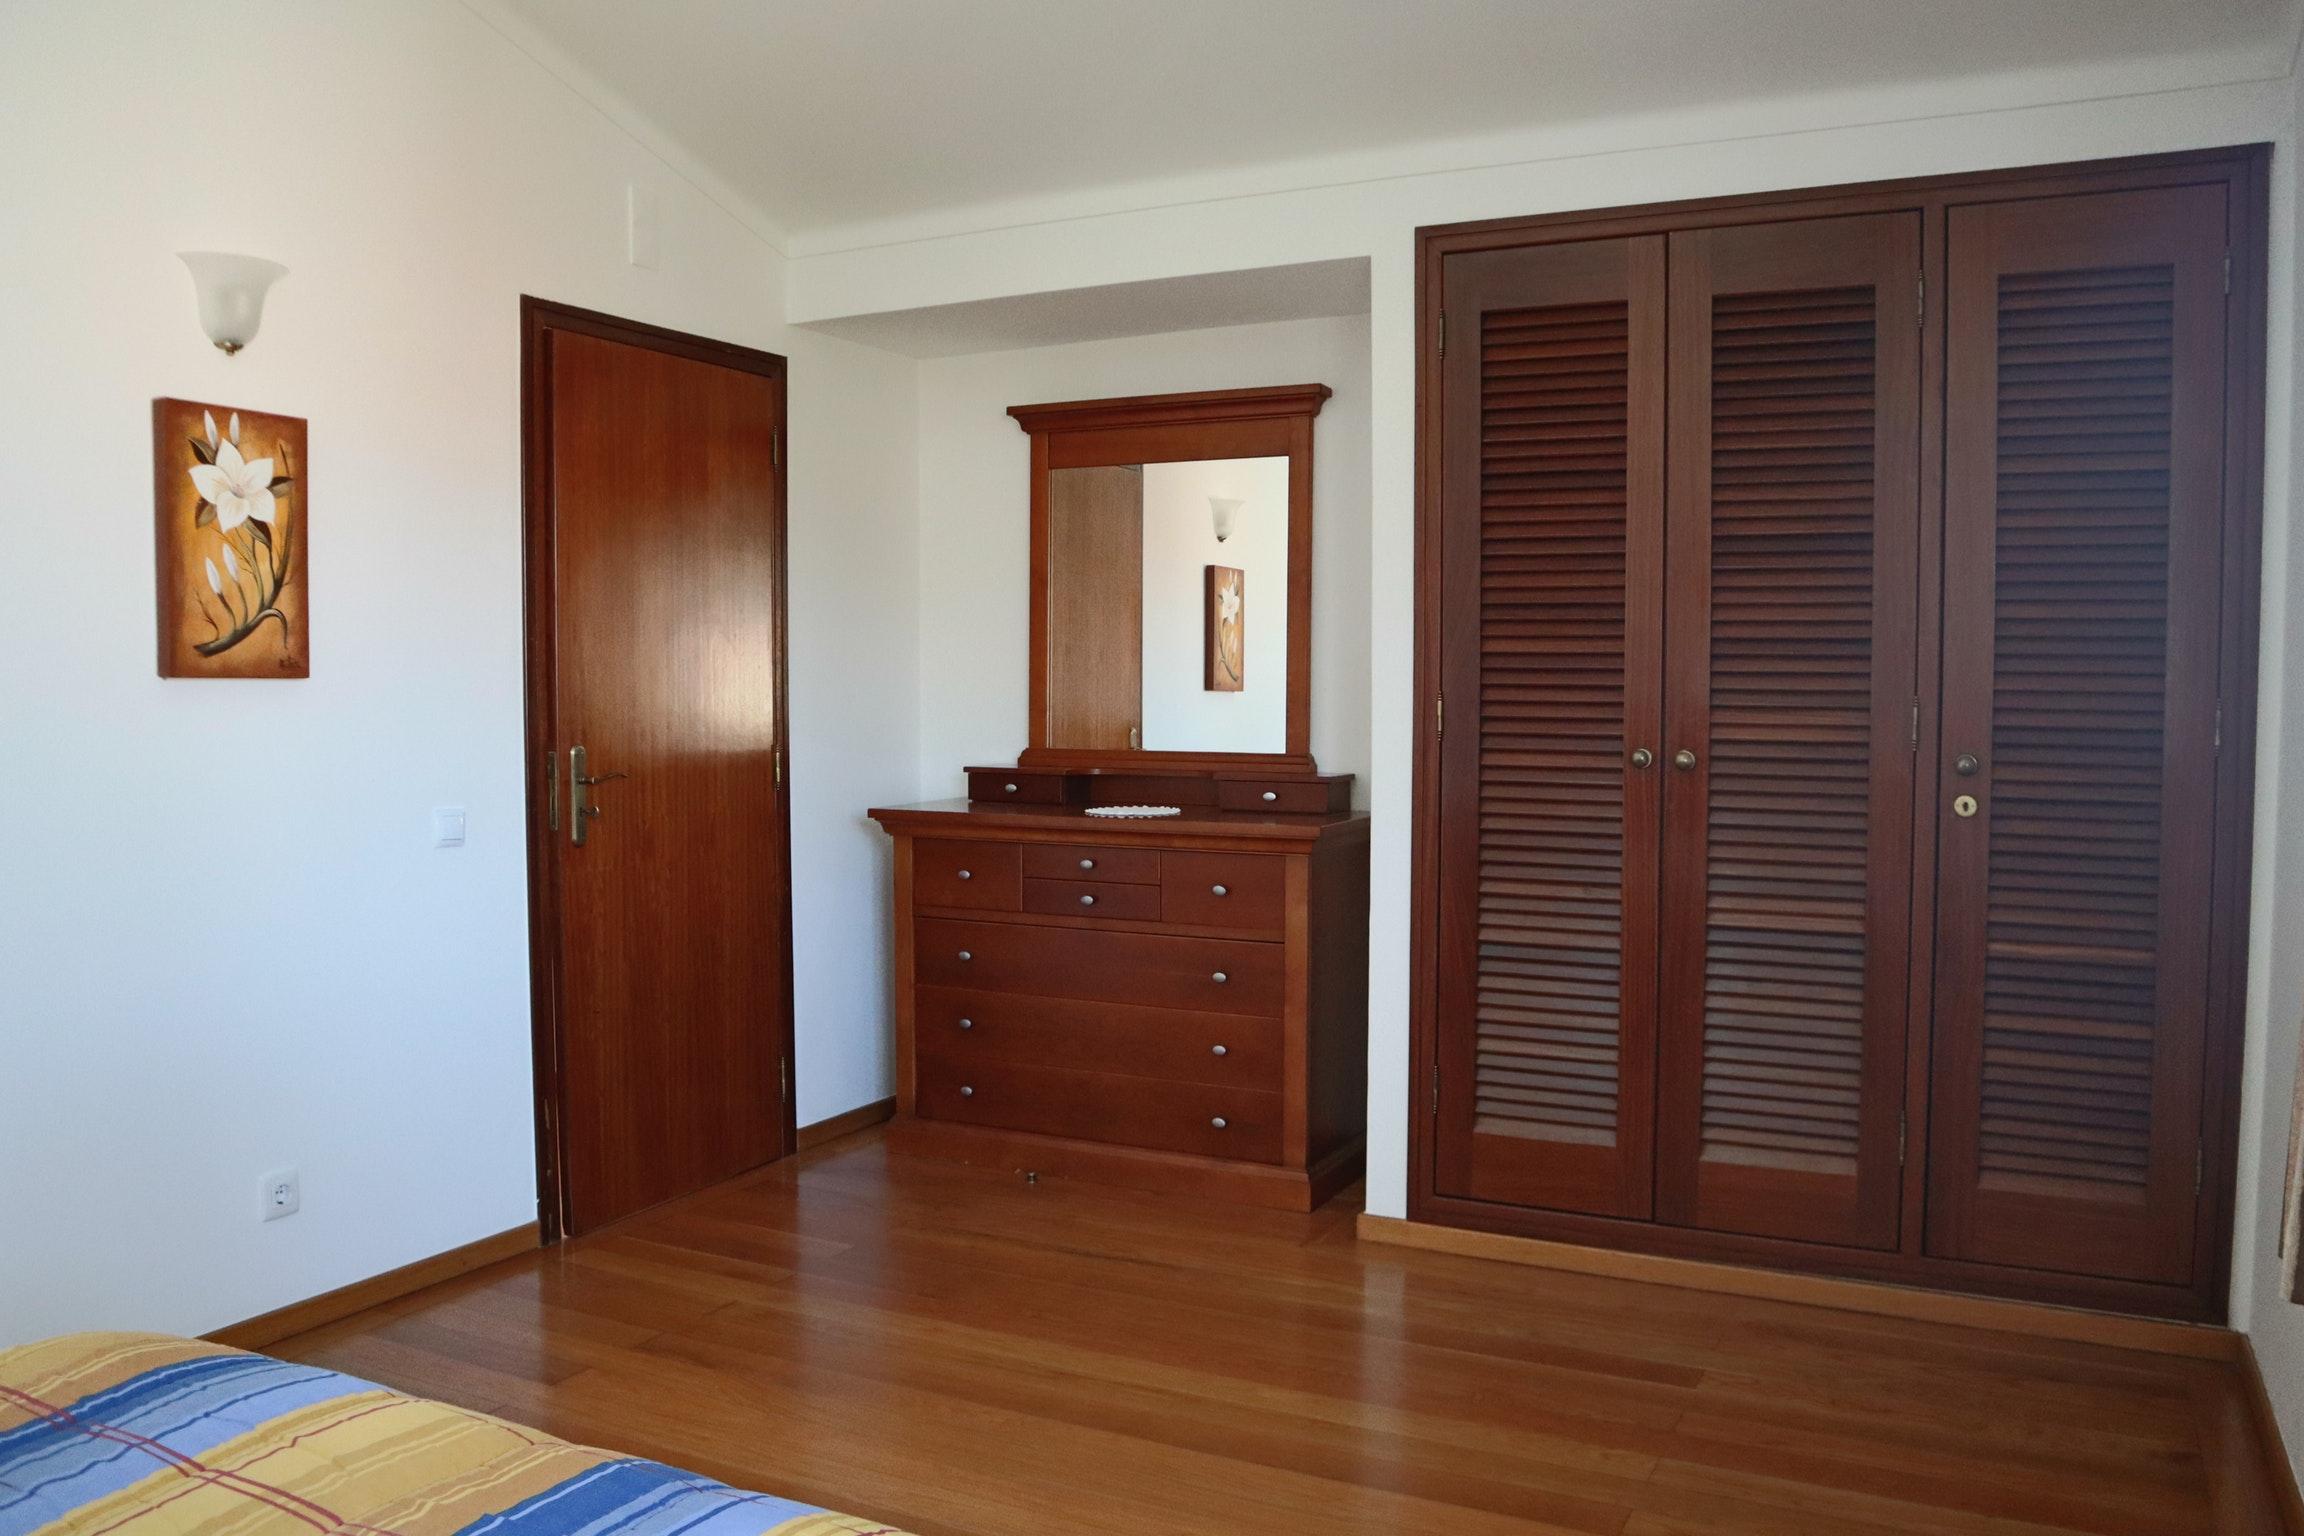 Ferienhaus Villa mit 4 Schlafzimmern in Praia de Mira mit privatem Pool, eingezäuntem Garten und W-LA (2623071), Praia de Mira, Costa de Prata, Zentral-Portugal, Portugal, Bild 27